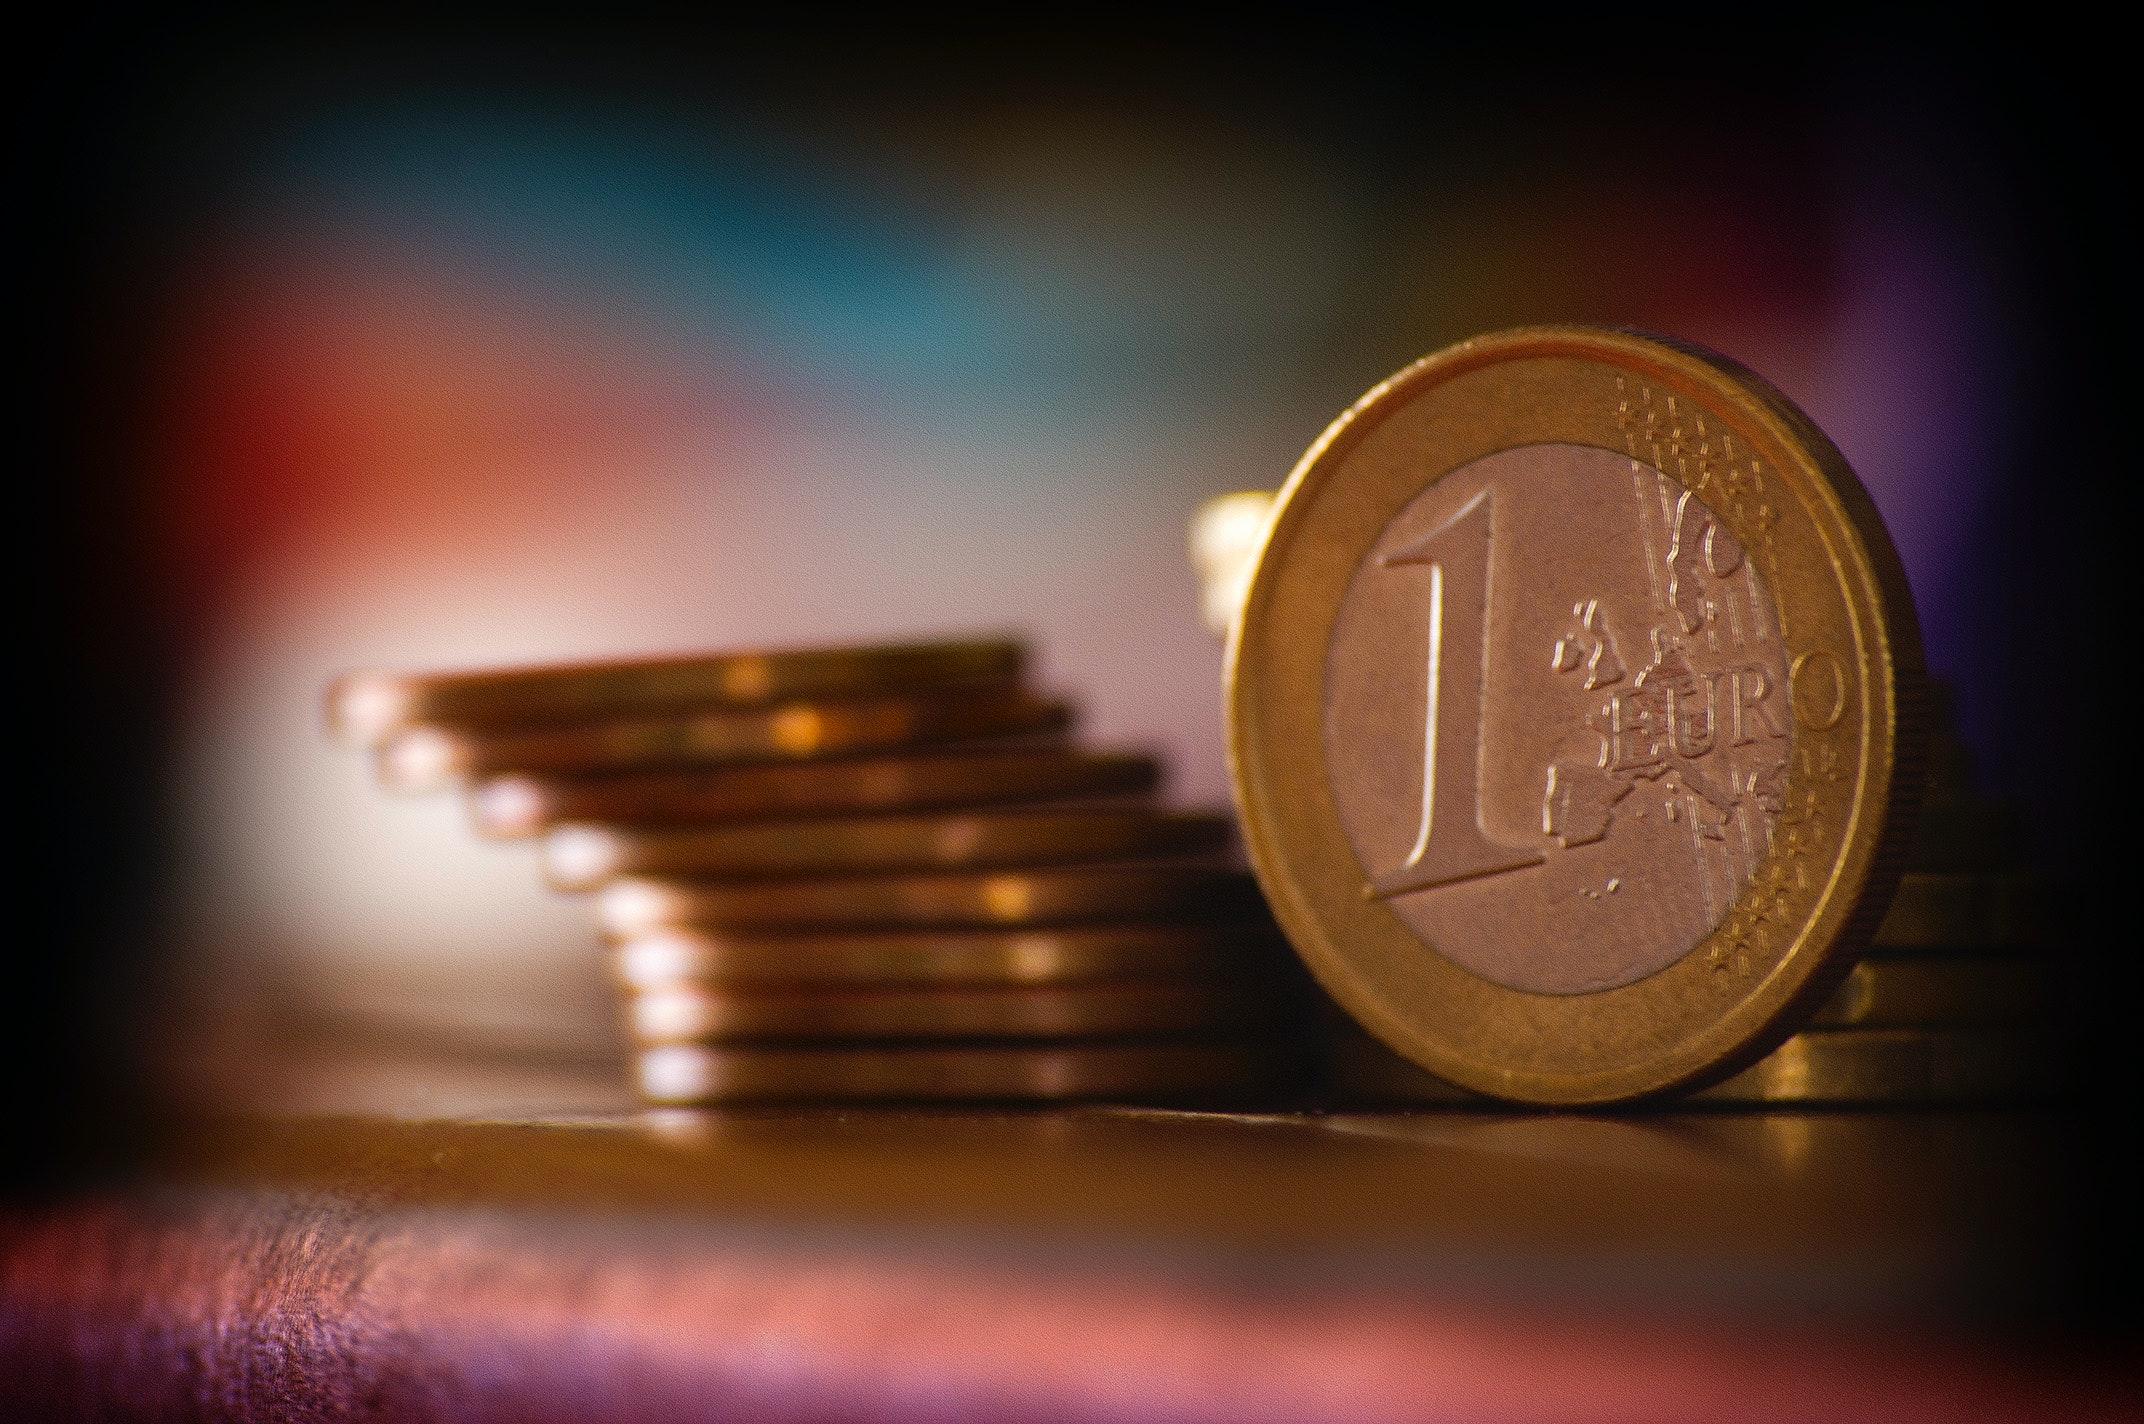 Zet de eerste stap in controle over je financiën